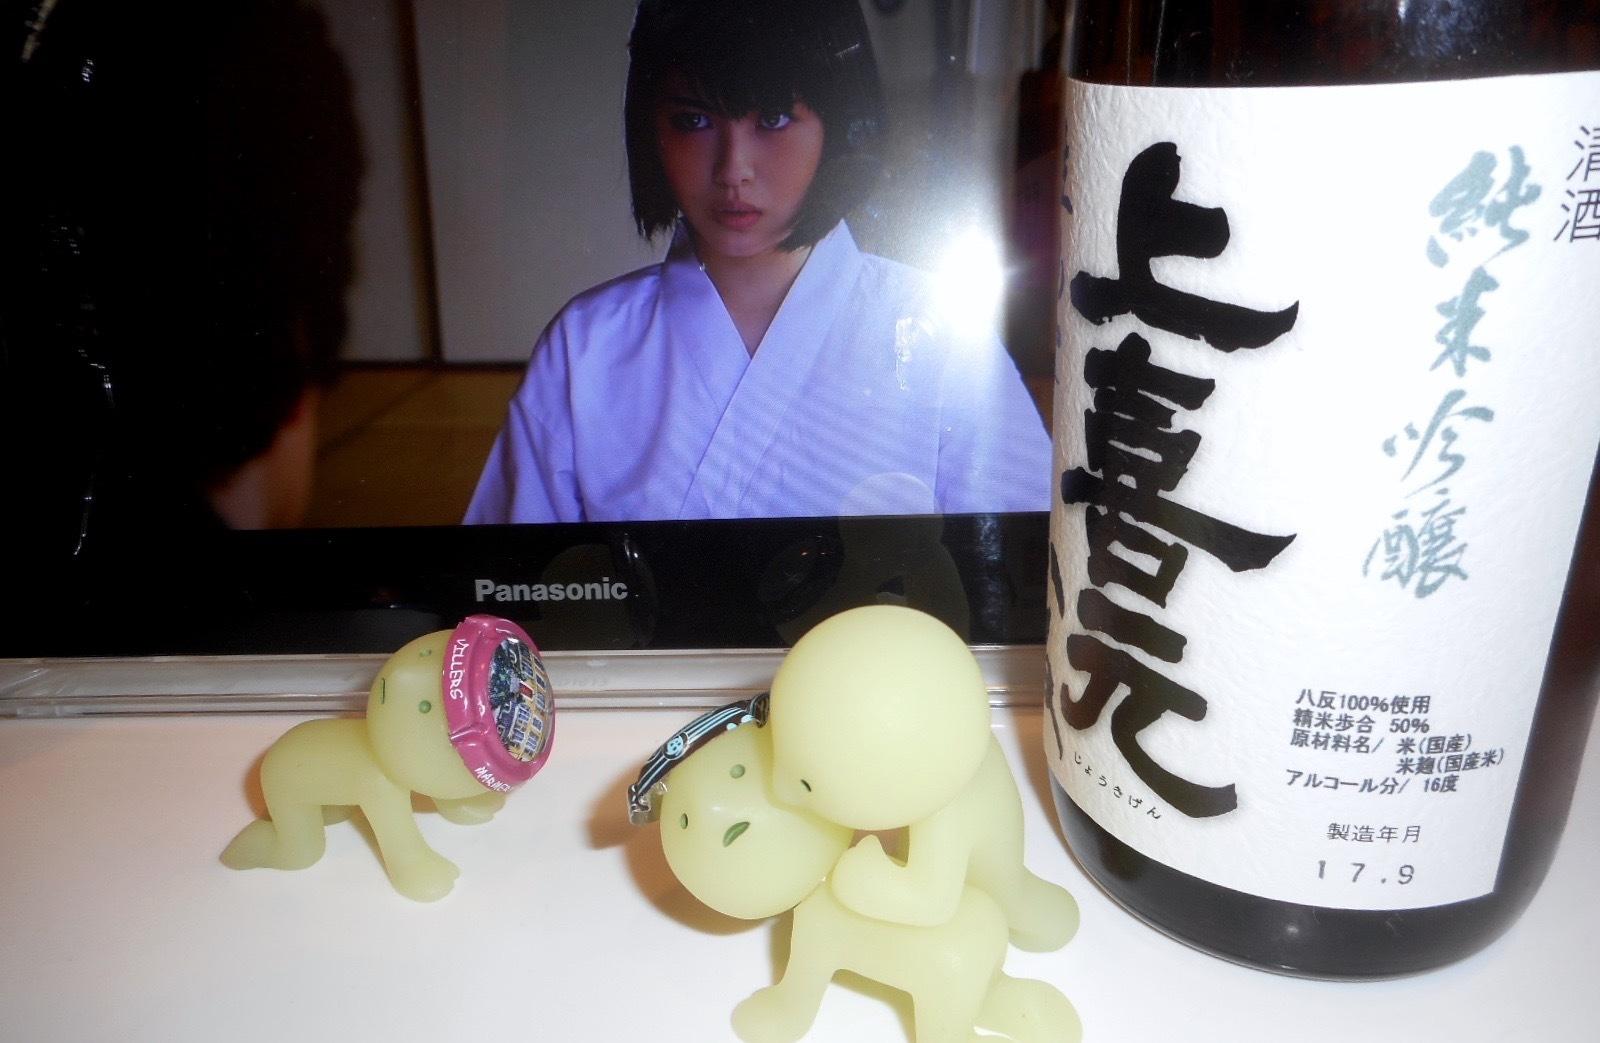 joukigen_kimoto_hattan28by4_2.jpg